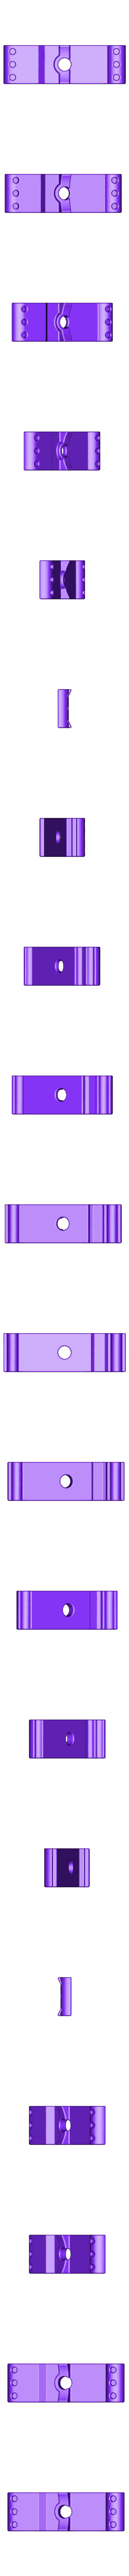 dialthing2mag.stl Télécharger fichier STL gratuit anet a6 support de comparateur à cadran avec tige de 10 mm • Modèle pour impression 3D, hitchabout